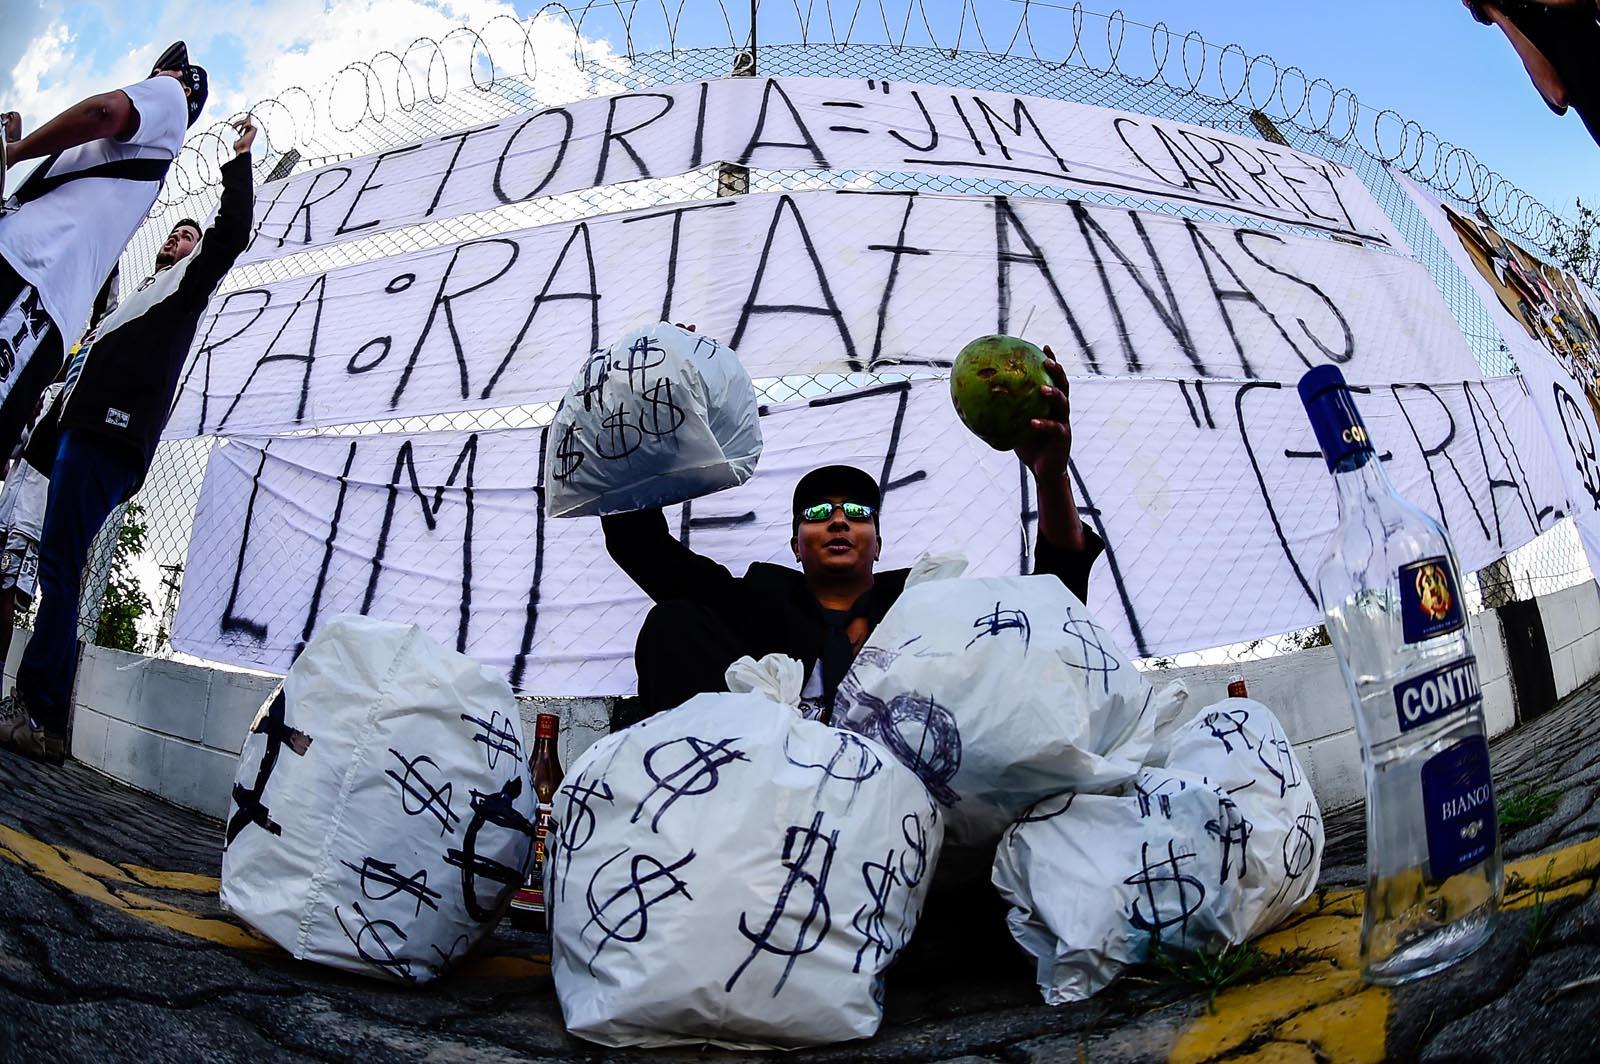 Torcedores não ficaram felizes com mais um tropeço do Corinthians dentro de casa (Foto: Fernando Dantas/Gazeta Press)